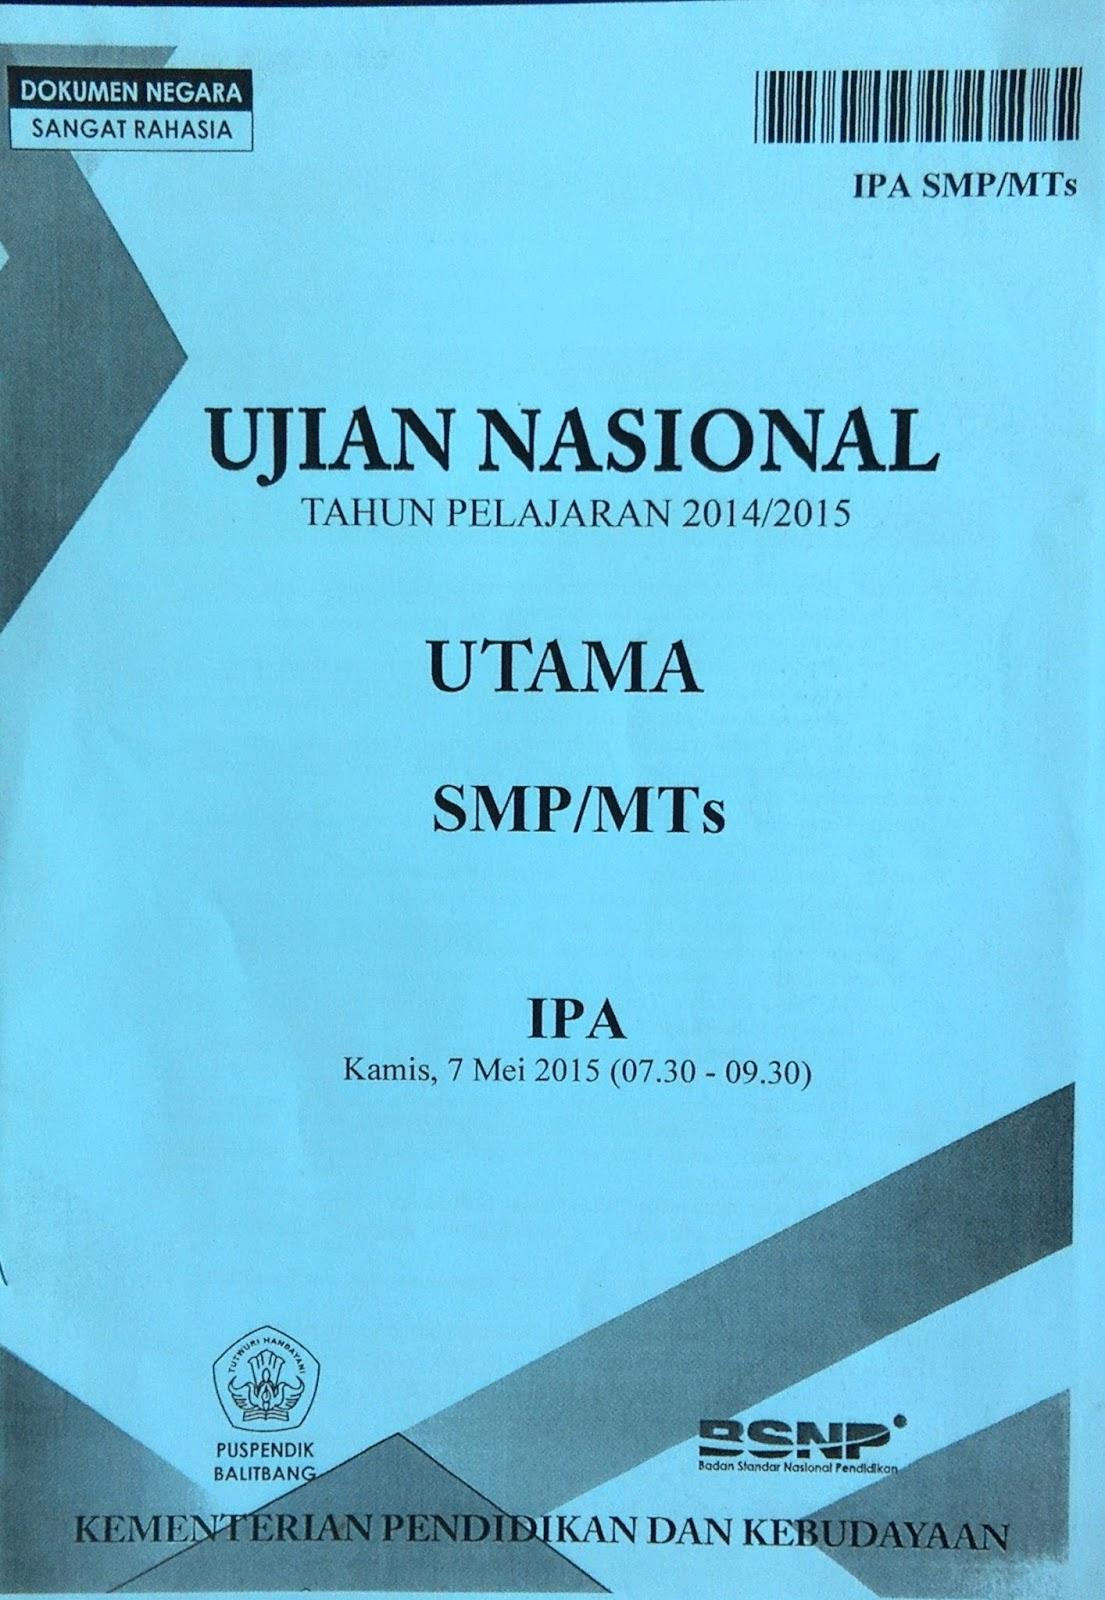 Ujian Nasional 2016 Smp Download Kumpulan Soal Ujian Nasional Un Smp Mts Tahun